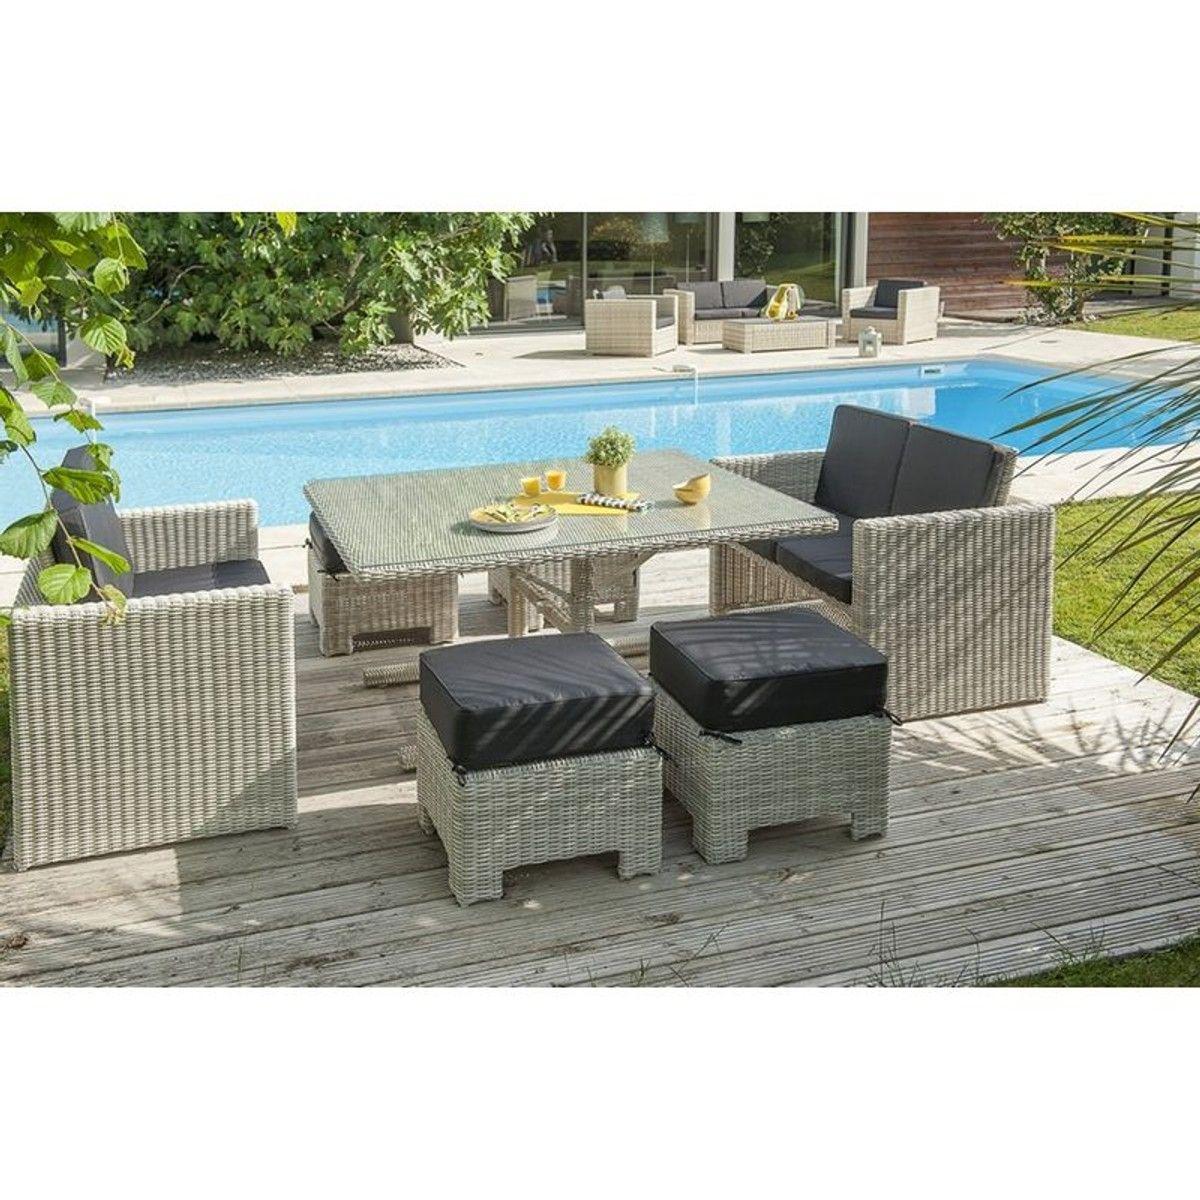 Salon de jardin encastrable 8 places in 2019 | Products ...